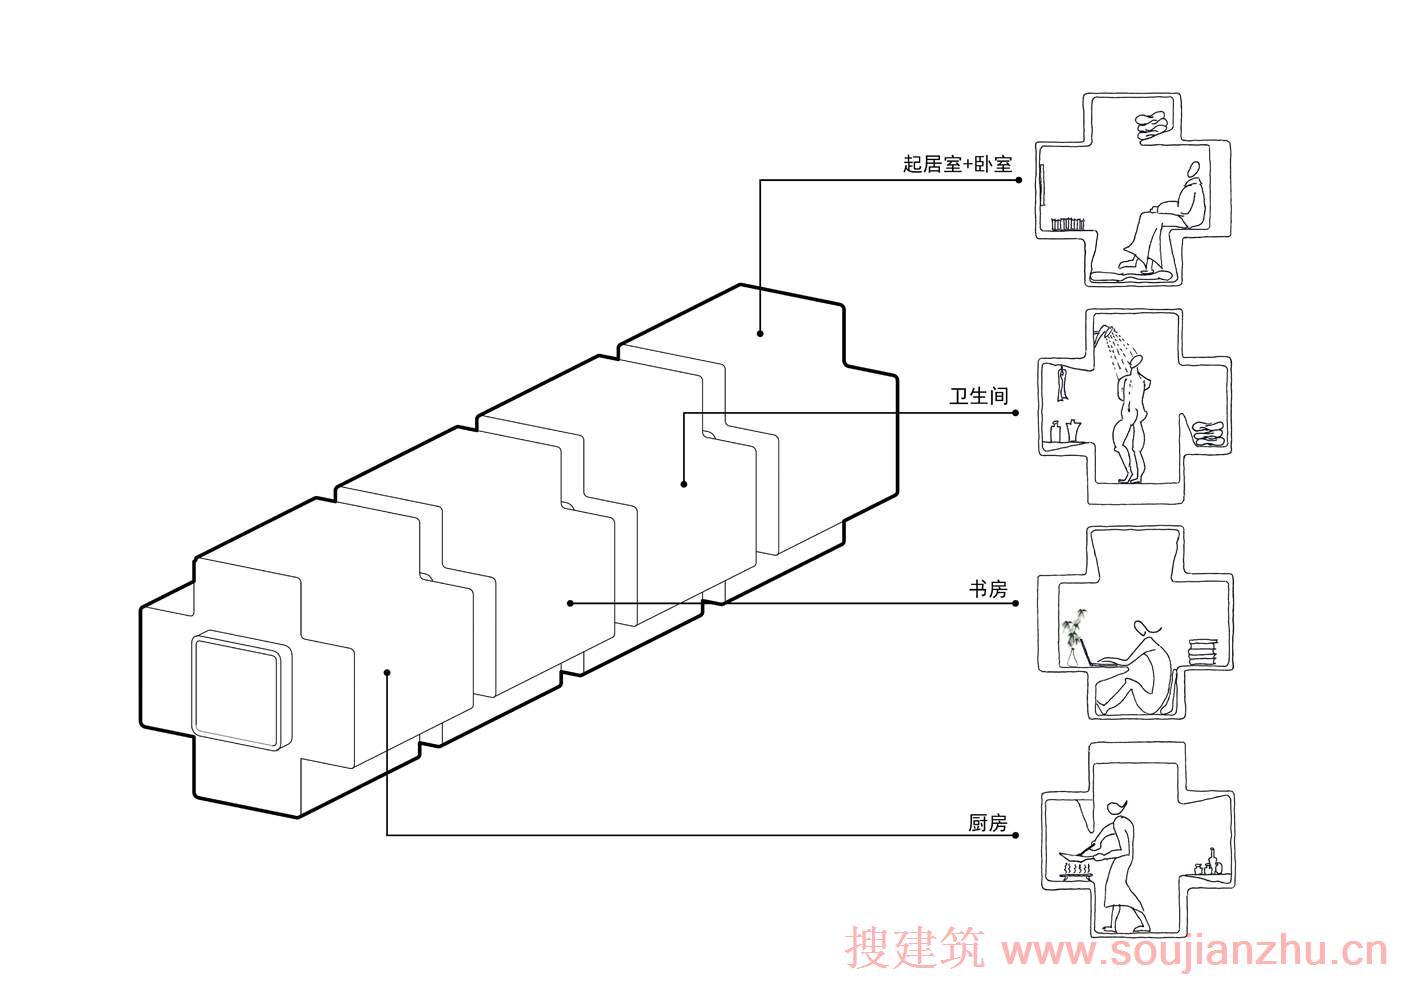 建筑师:Studio Liu Lubin 地点:北京 微型房子是基于人们最小室内活动空间的需要设计的,如坐,卧立等行为。微型房子形式是作为一个组合的家具和建筑的元素。当空间转换时单元的空间环境也发生变化,例如休息,工作,盥洗,烹饪等。所以微房单元不仅可以成为单一功能的房间,更可以组和在一起成为一整套住宅,甚至是一个居住群。 主要材料的微观的房子是纤维增强复合材料结构形式,该材料又轻又结实。在这种情况下,微型房子单元可以轻易地举起和手工组装。为方便运输和更换,大小的单元设计为容器的大小。 (本资